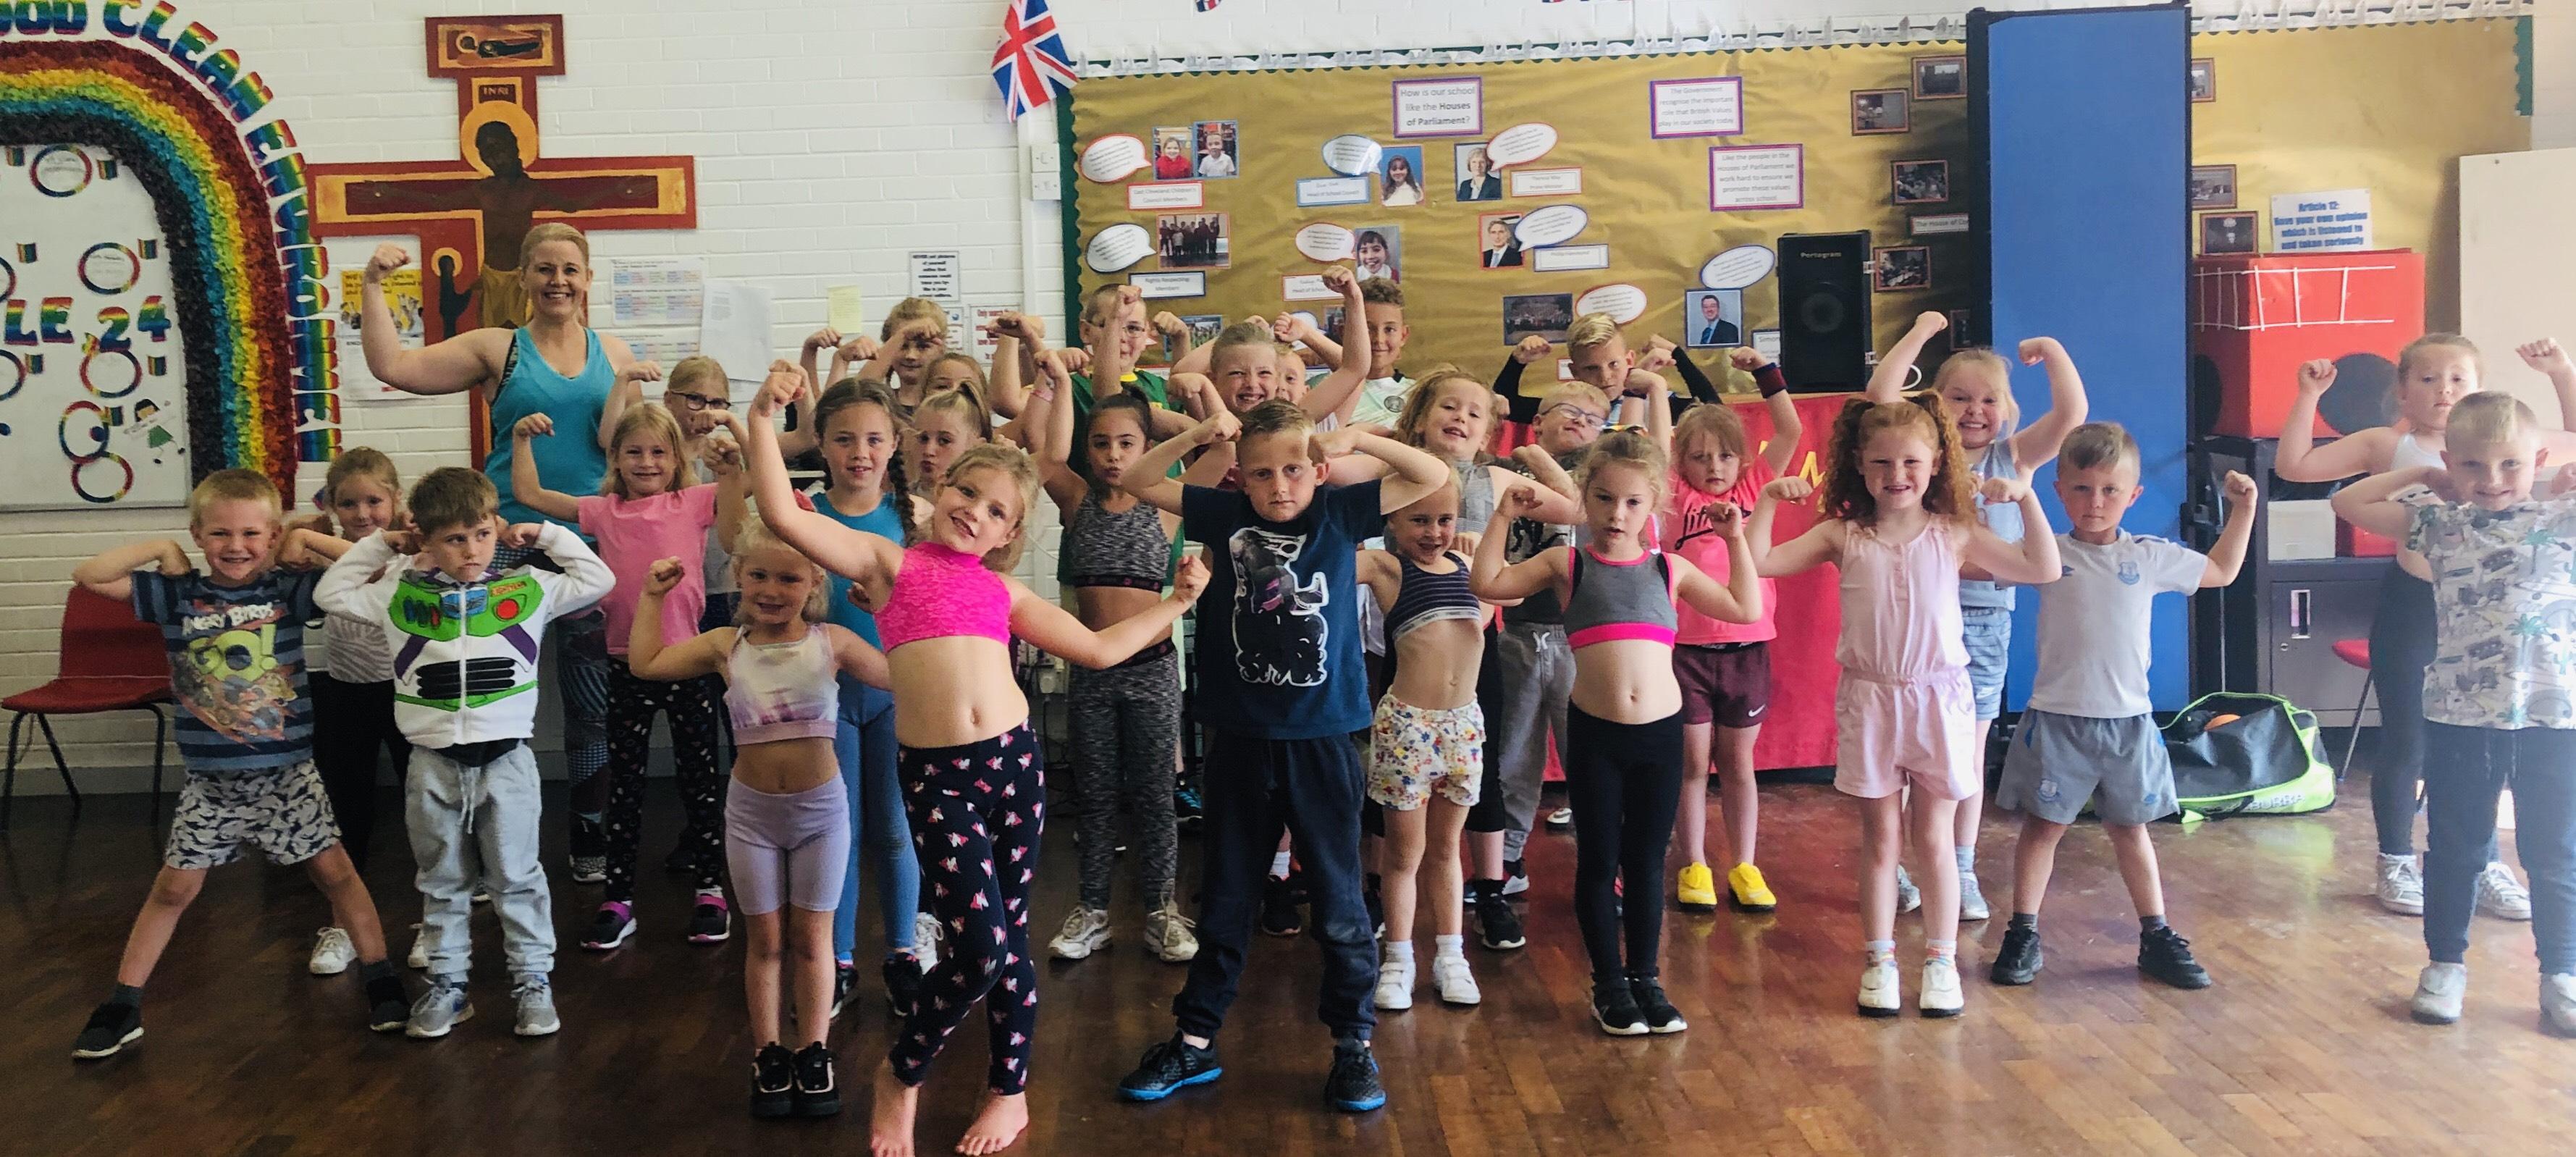 Summer Fitness Sessions for Children 2019